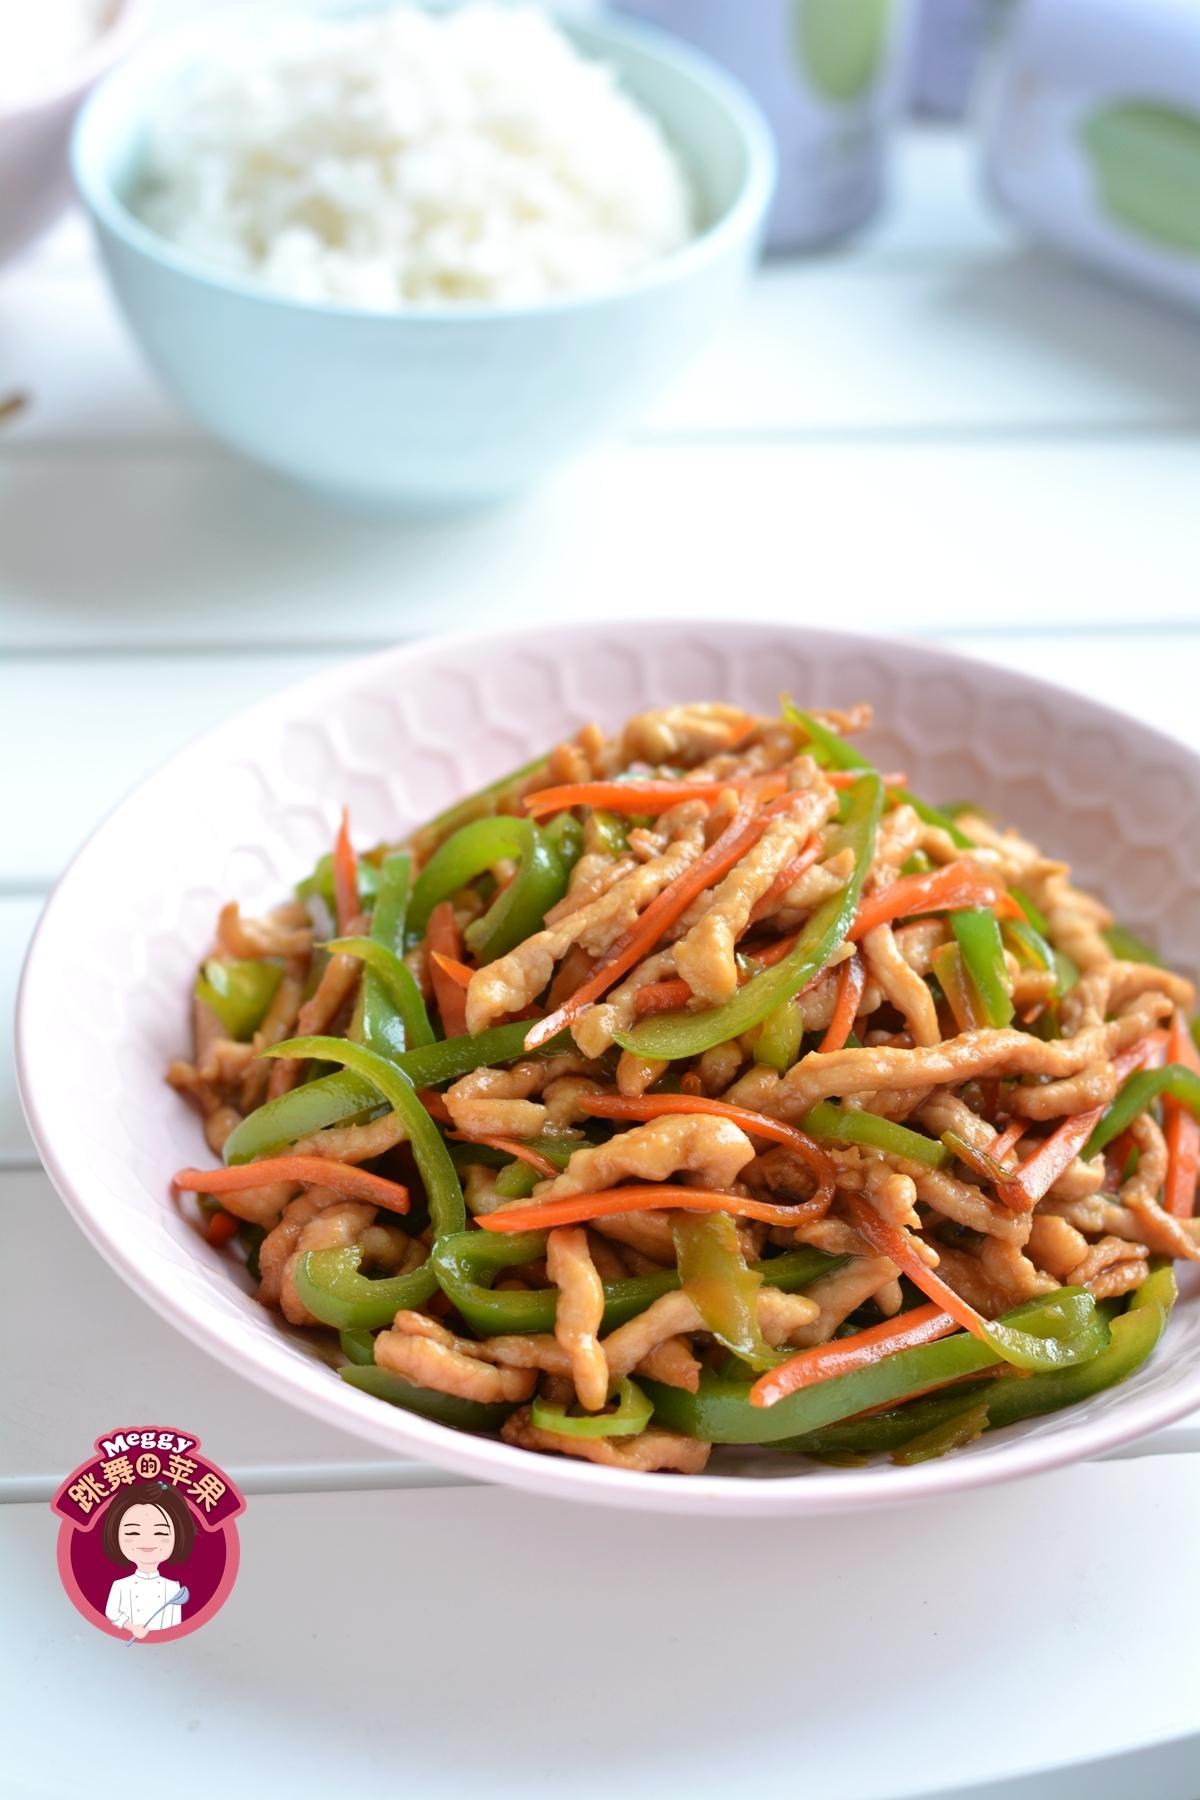 肉丝炒青椒,最好吃的做法,营养健康又下饭,孩子抢着吃!